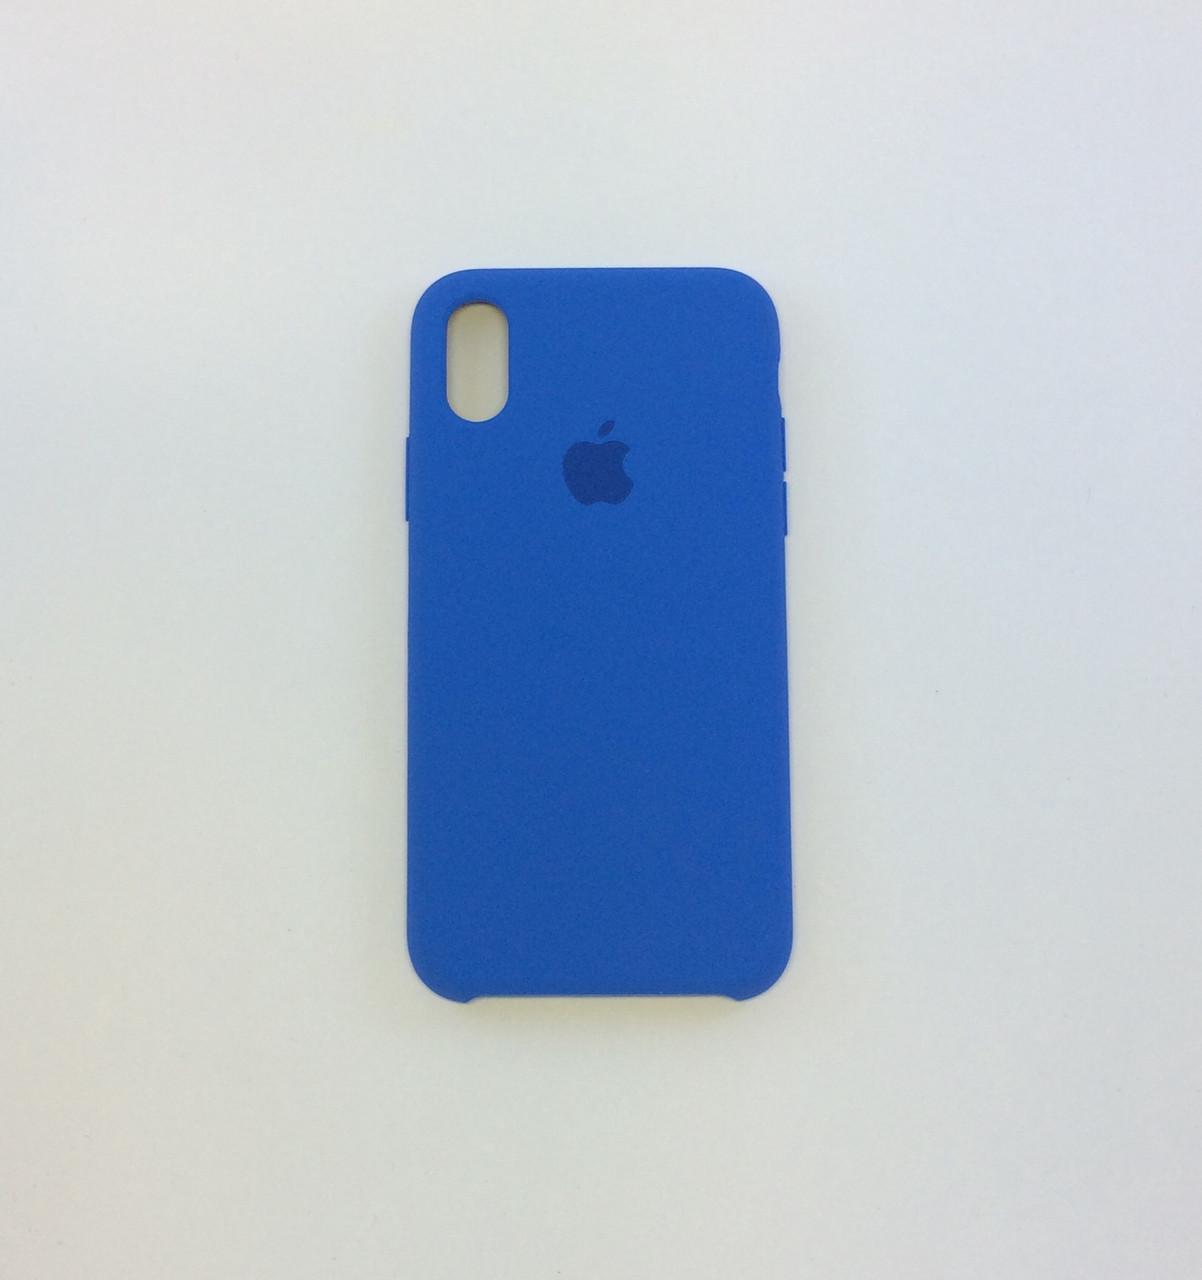 Силиконовый чехол iPhone X / Xs, лазурь, copy original